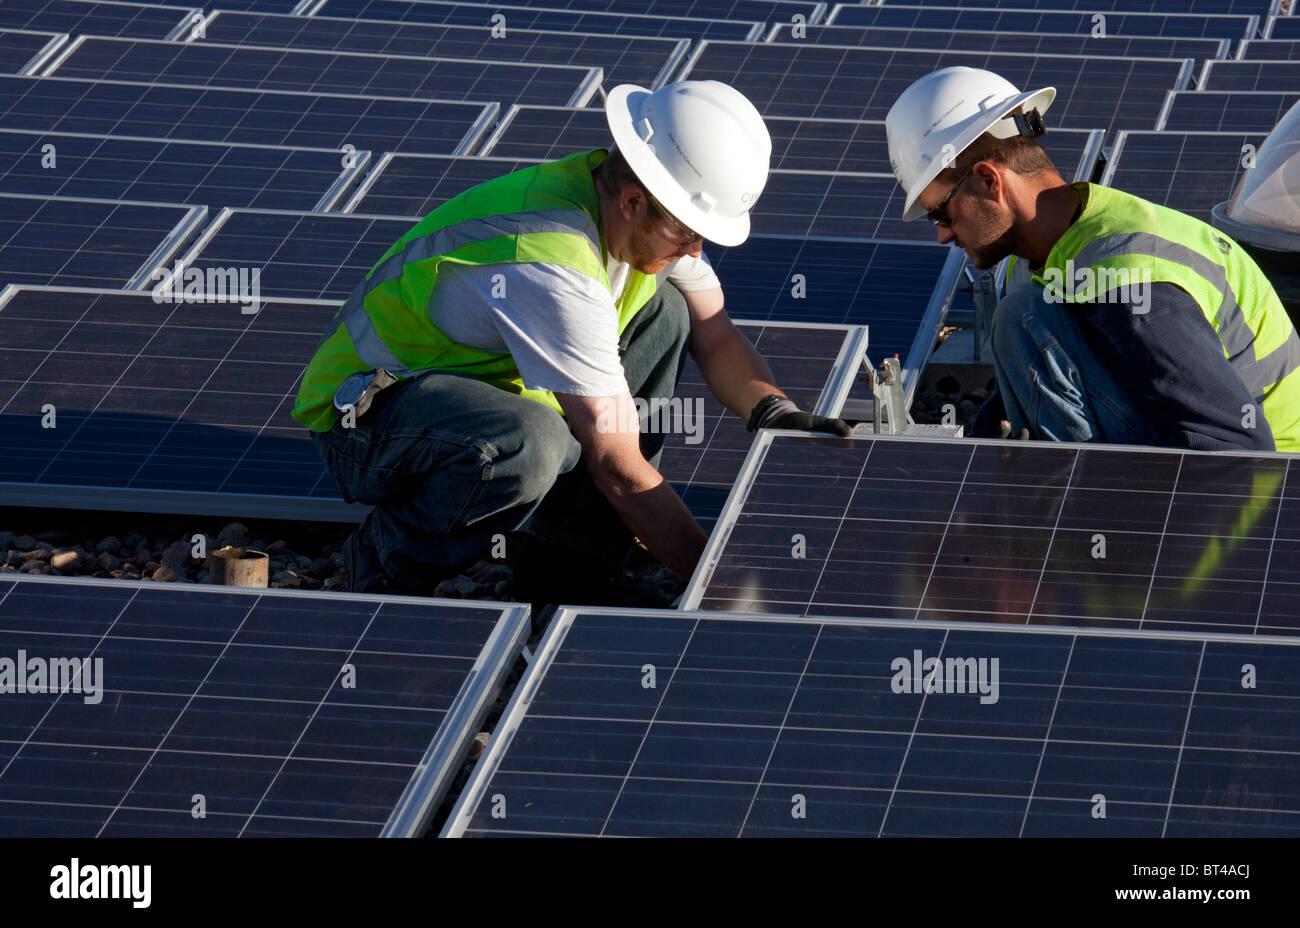 Denver, Colorado - Arbeiter installieren Sonnenkollektoren auf dem Dach der Harrington Elementary School. Stockbild